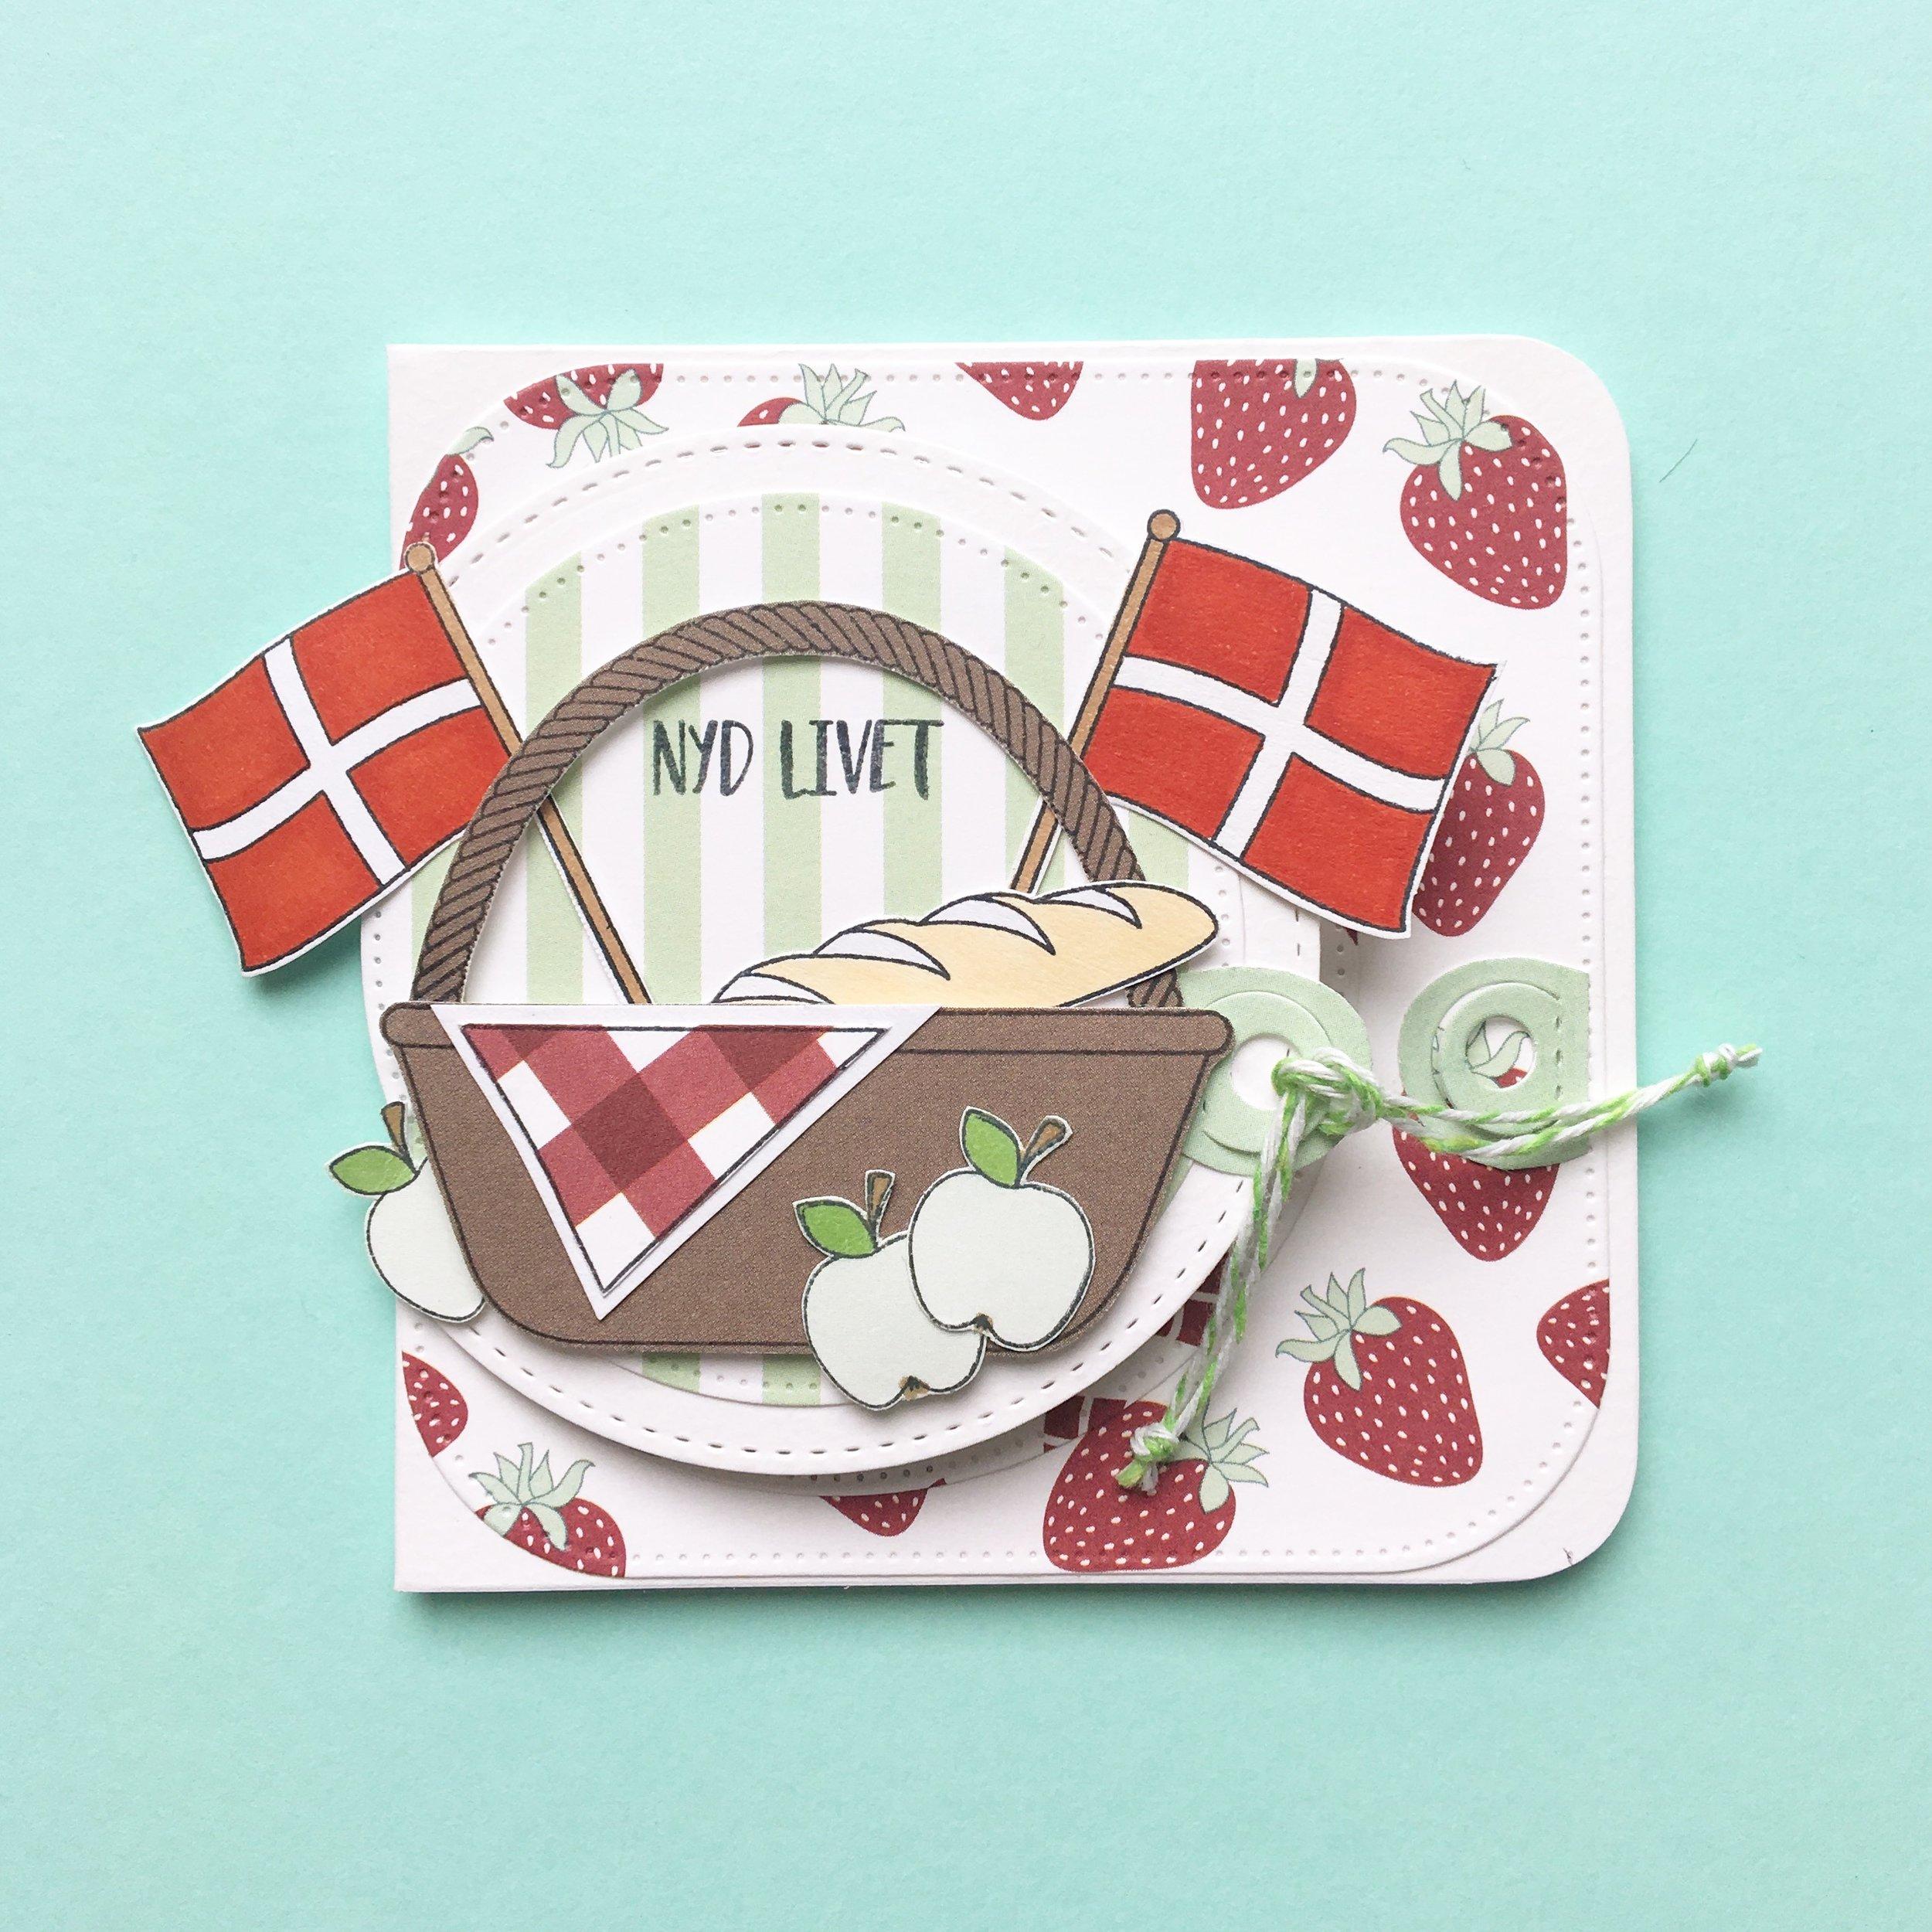 Kort 3 Picnic kort i flere lag ;) 10x10 cm   Stempler:   picnic , flag    Dies:   firkant med runde hjørner ,  halvcirkel    Papir:   'smagen af pistage' , 'smagen af sommer'